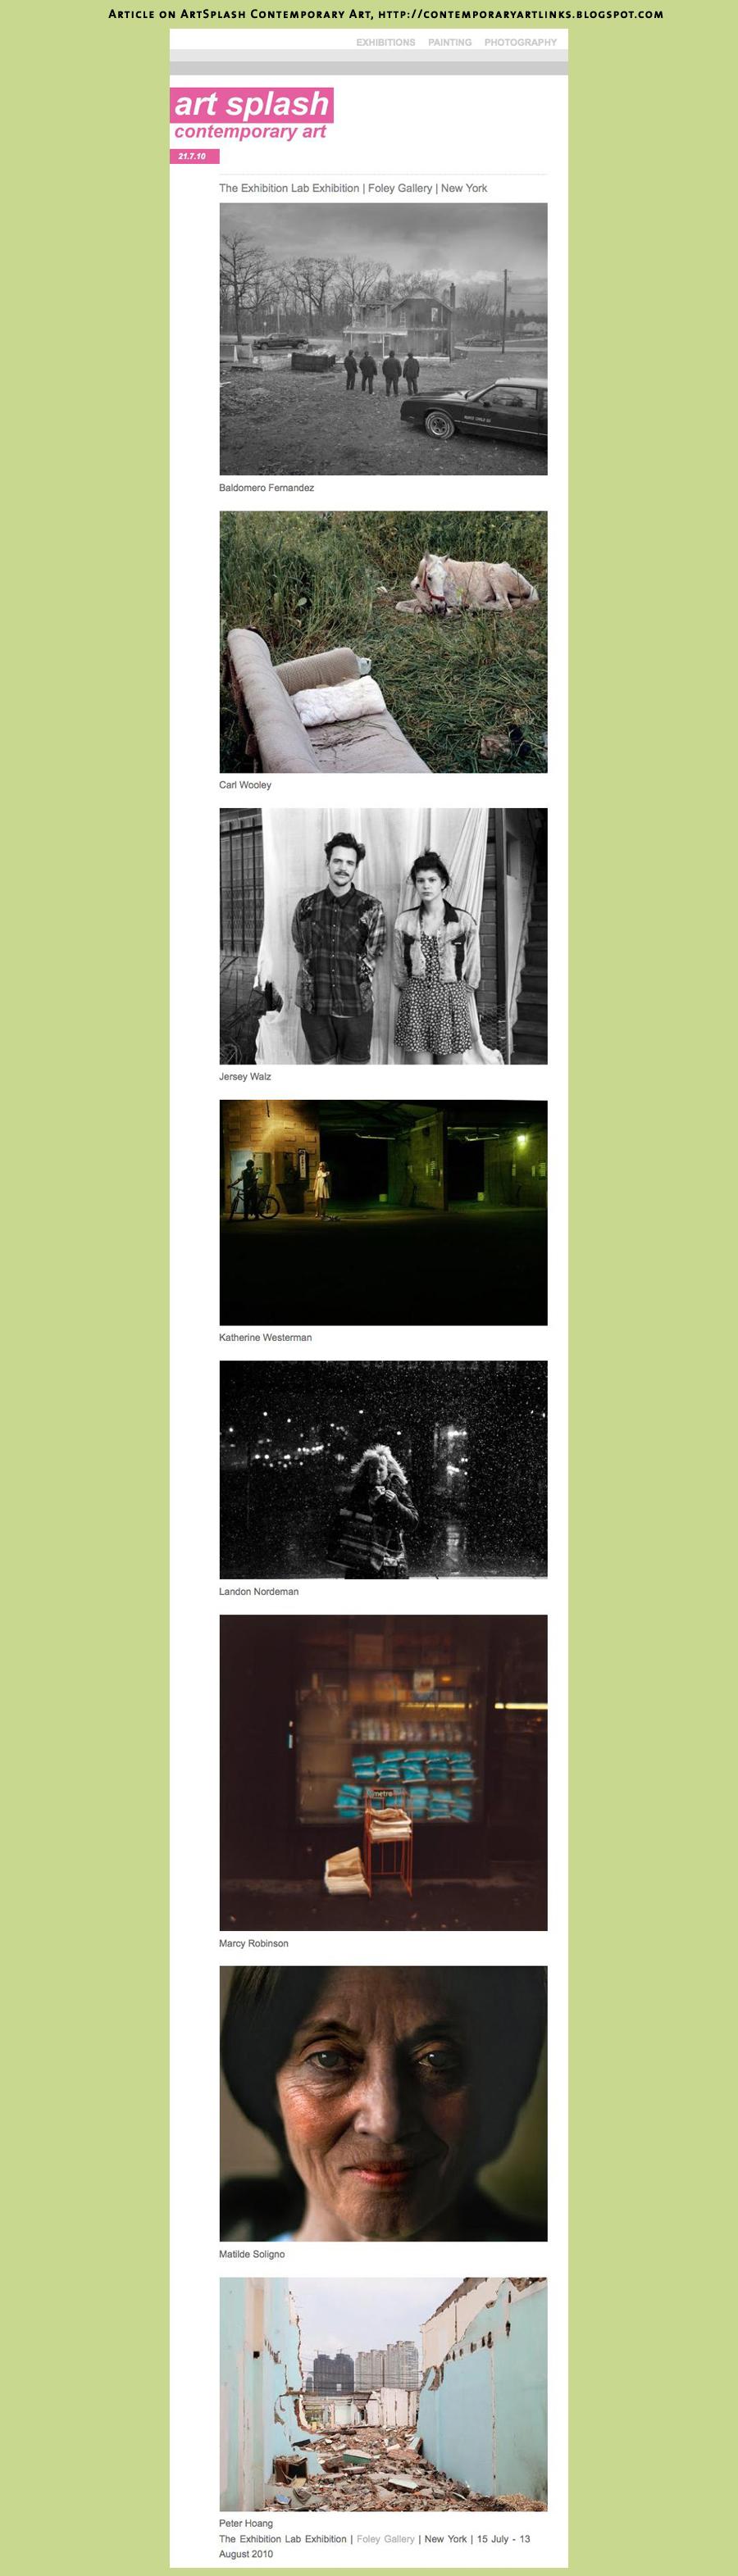 «The Exhibition Lab» on ArtSplash Contemporary Art, http://contemporaryartlinks.blogspot.com